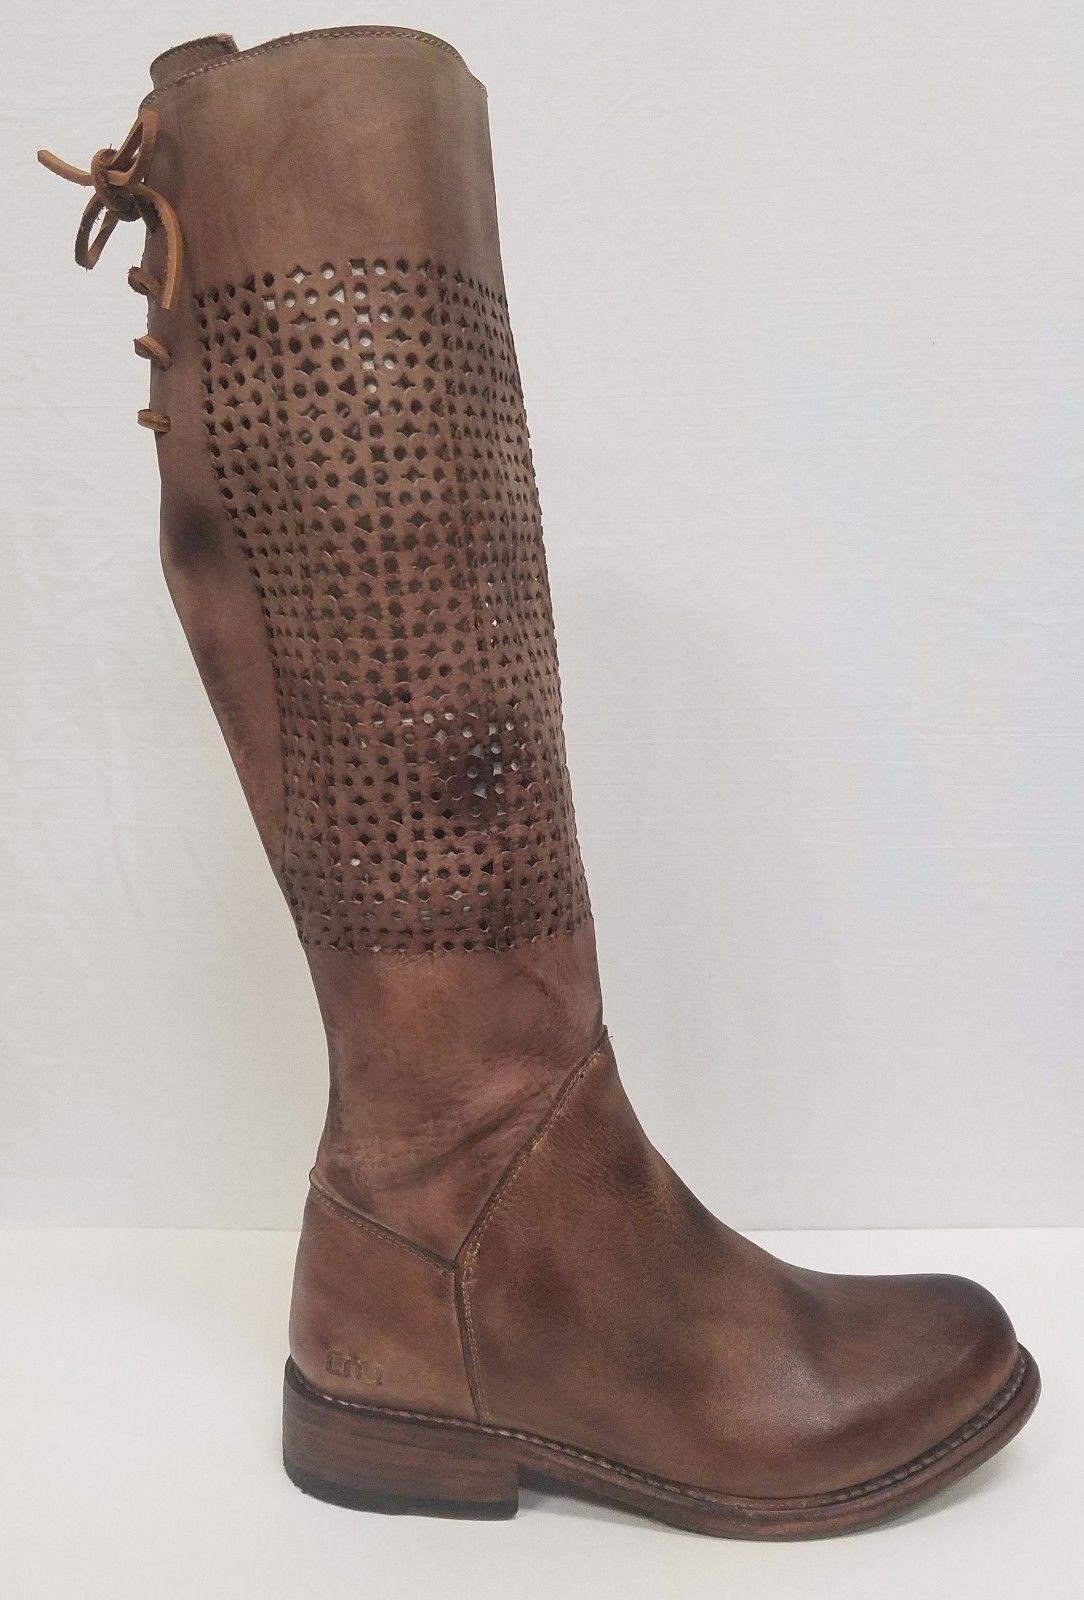 Bed Stu Cambridge tan trozos de de de madera Mujer Cuero botas hecha a mano muchos tamaños  mejor marca